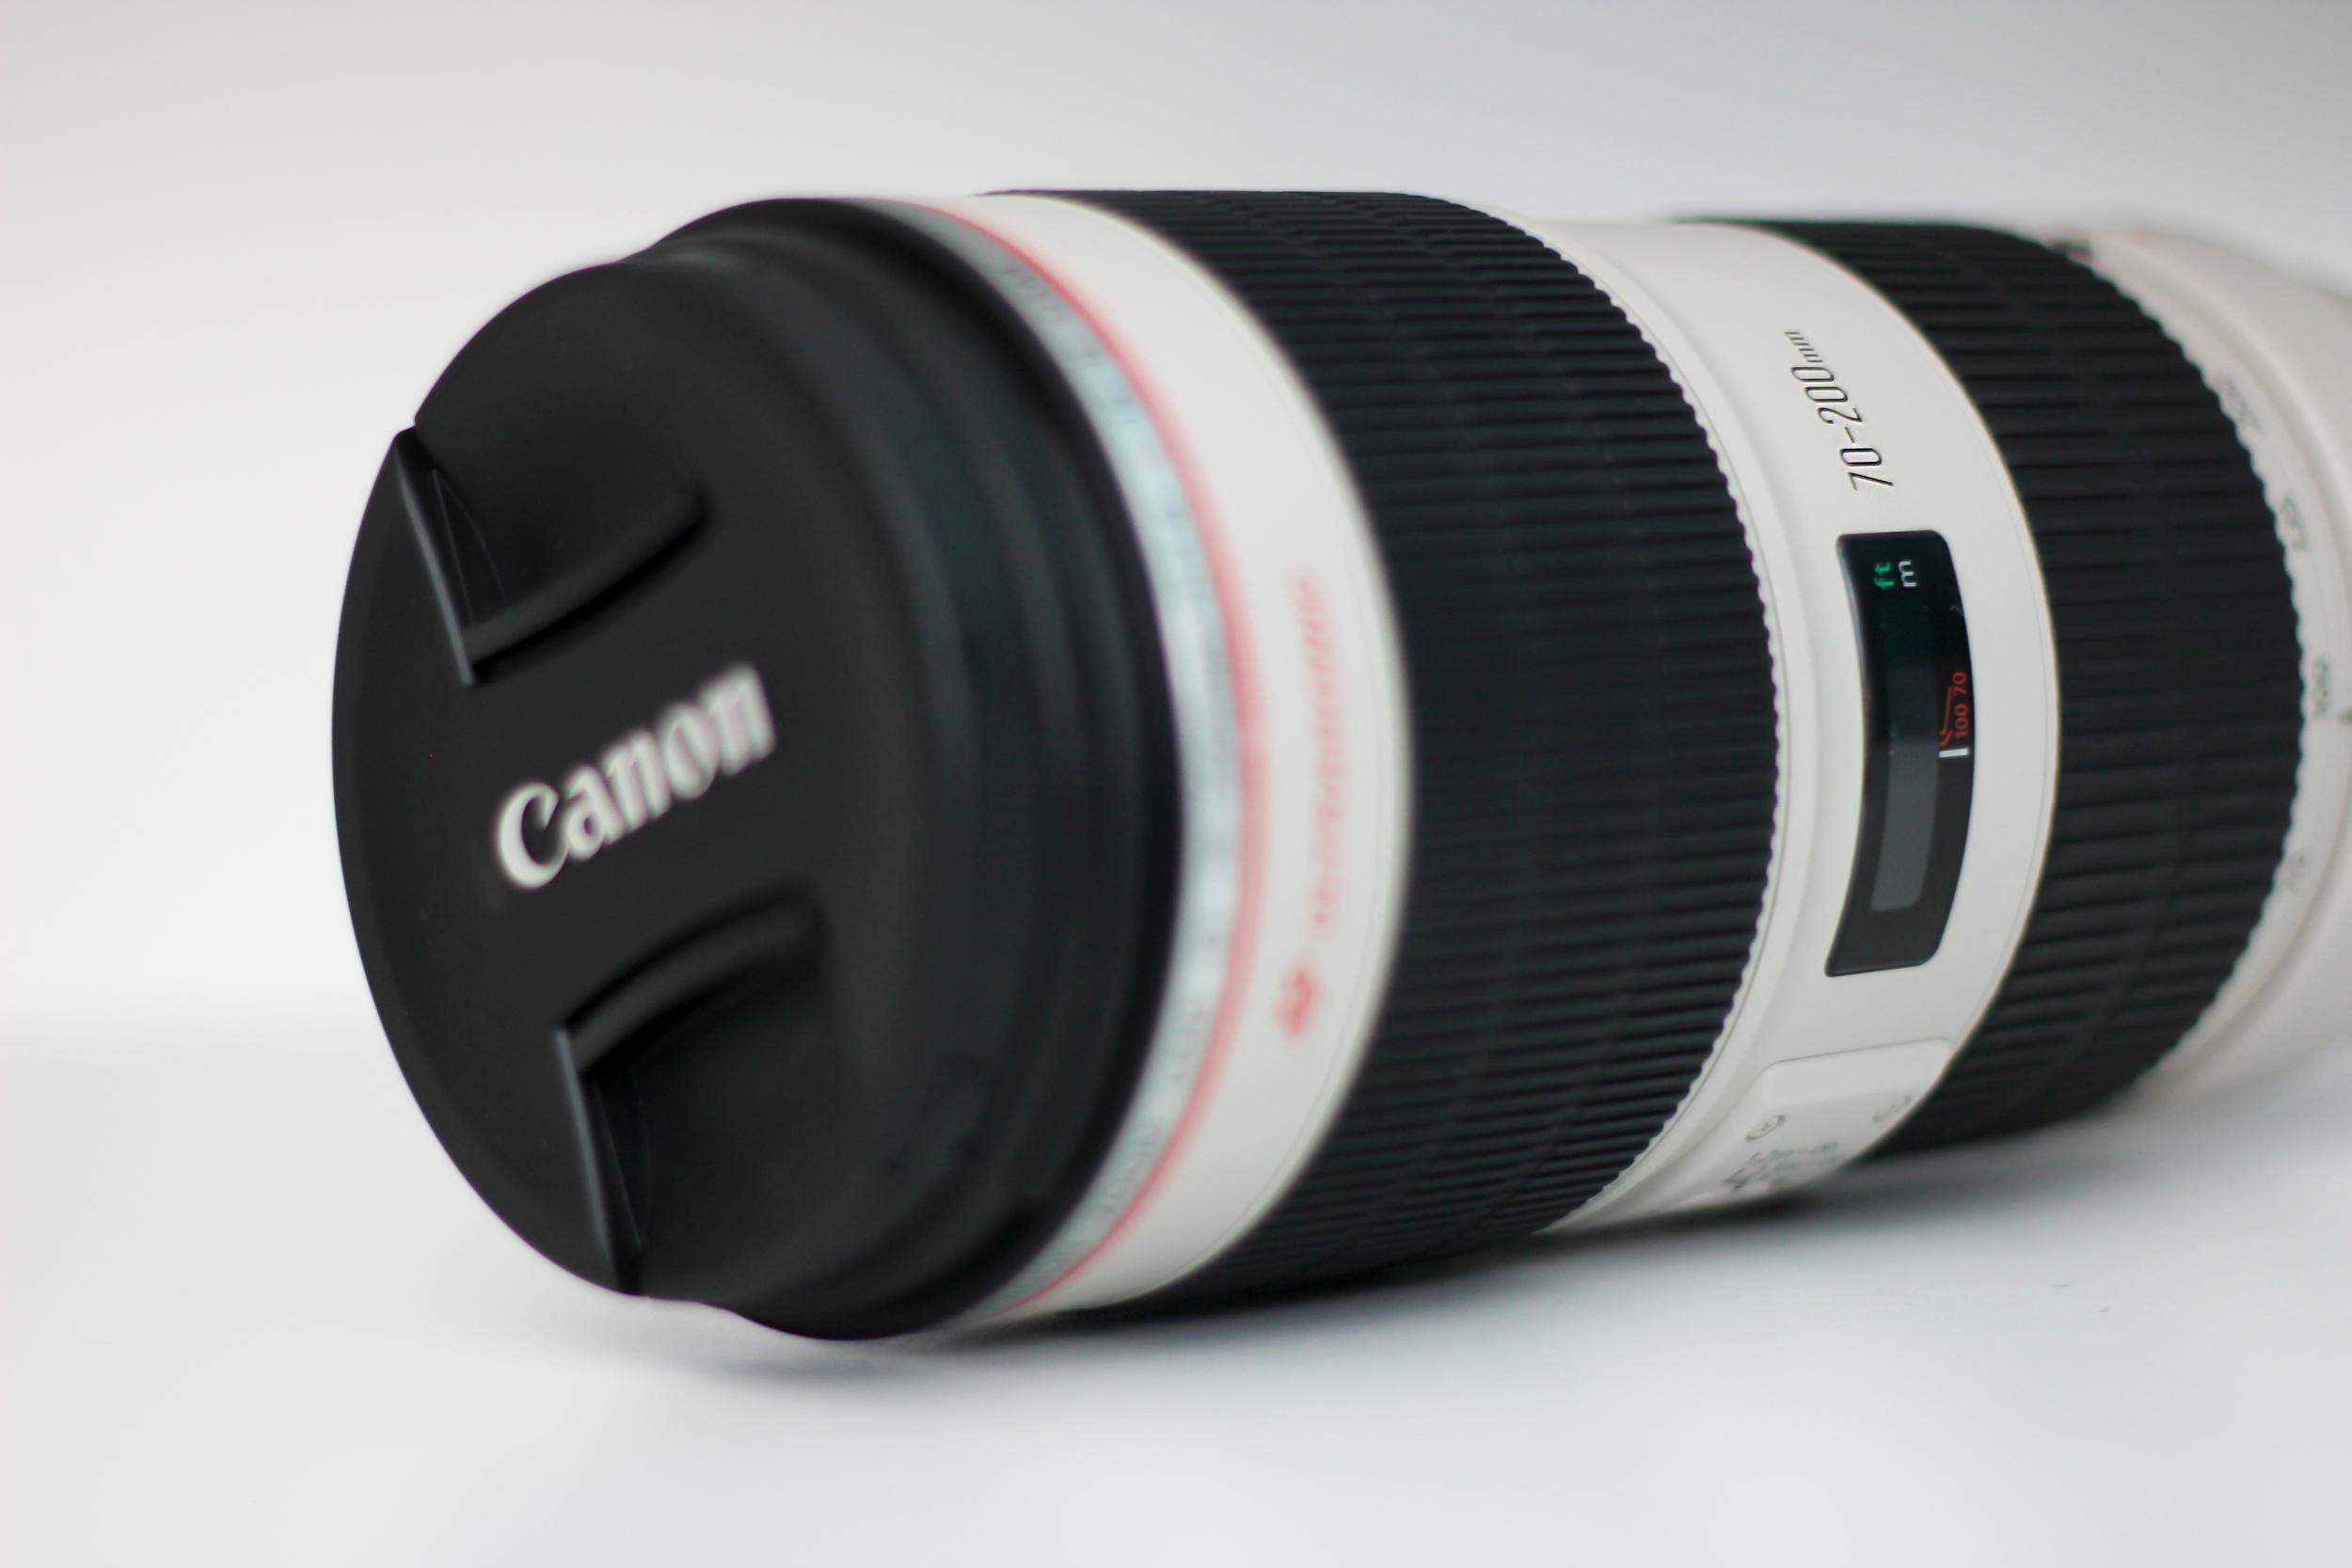 My favorite portrait lens!